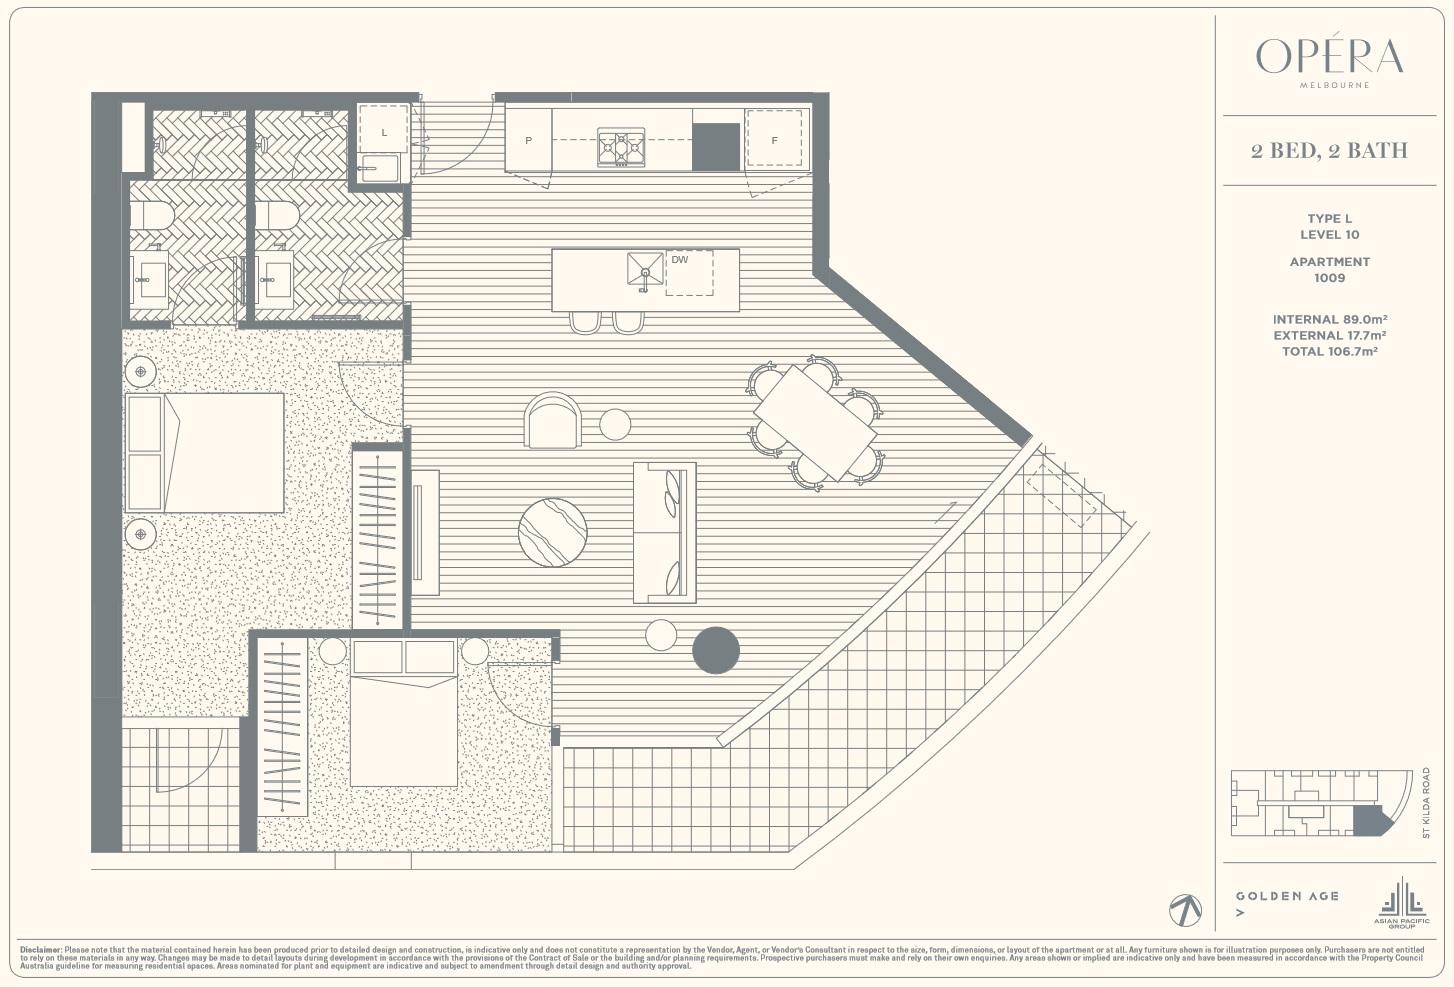 Floor Plan Type L - 2Bed2Bath